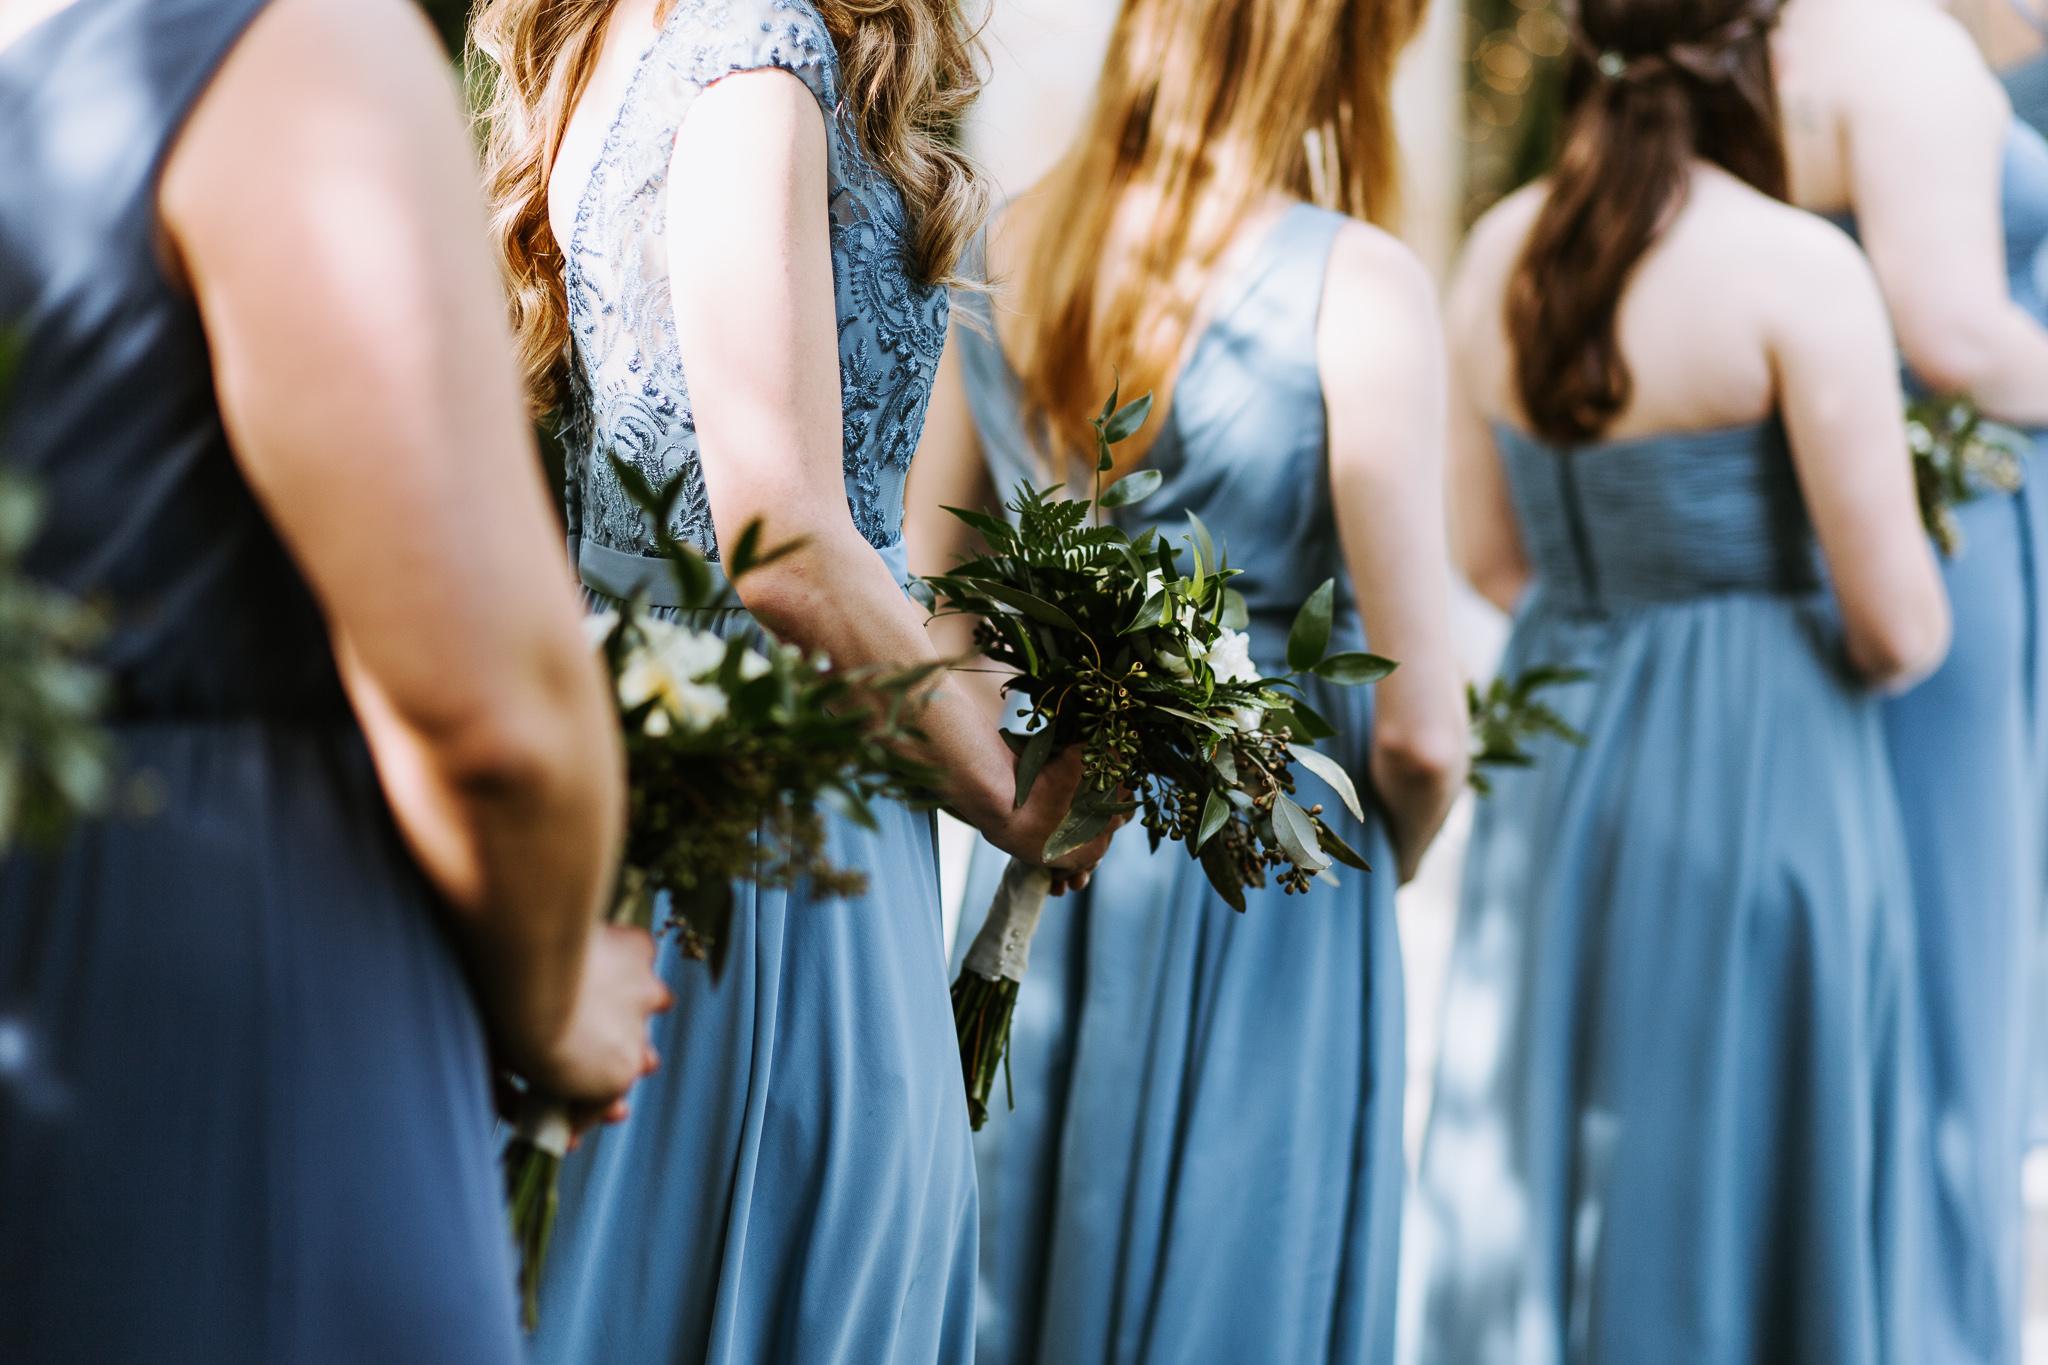 BayArea-Wedding-Photographer-43.jpg